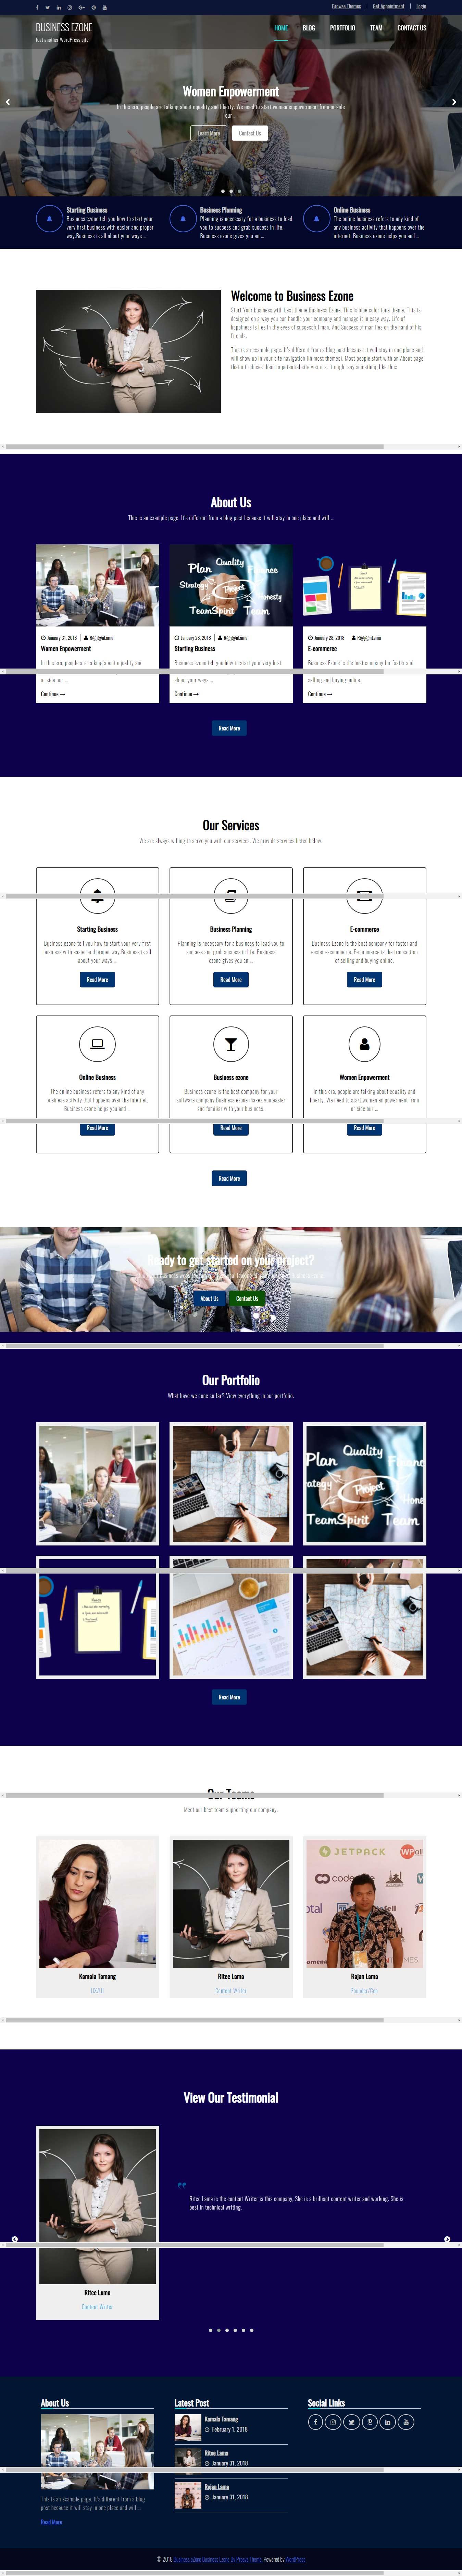 Business eZone: el mejor tema gratuito de WordPress para deportes